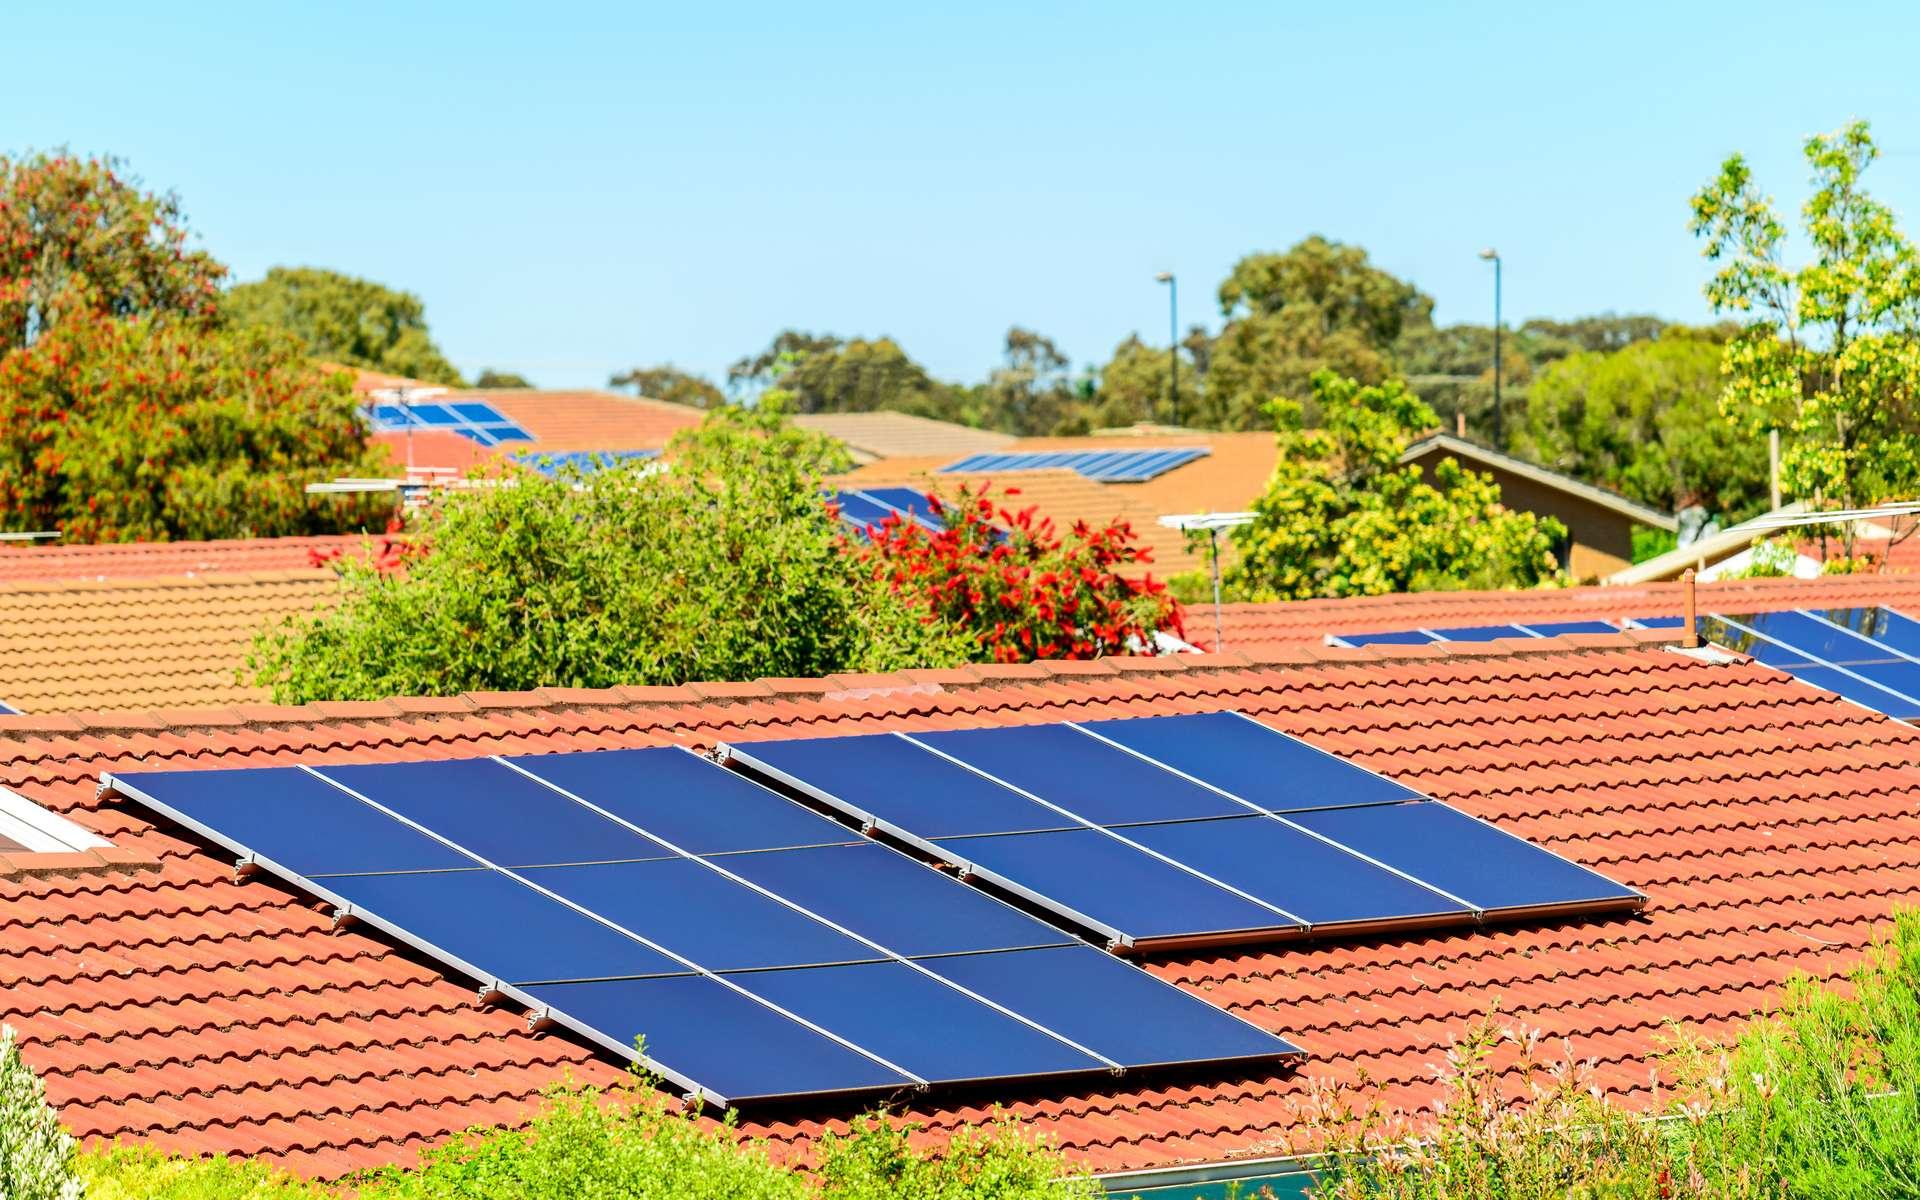 Recyclables à 95 %, les panneaux photovoltaïques permettent de réduire la facture d'électricité de la maison. Disponibles en kit, ils peuvent être installés par des bricoleurs expérimentés. © moisseyev, Adobe Stock